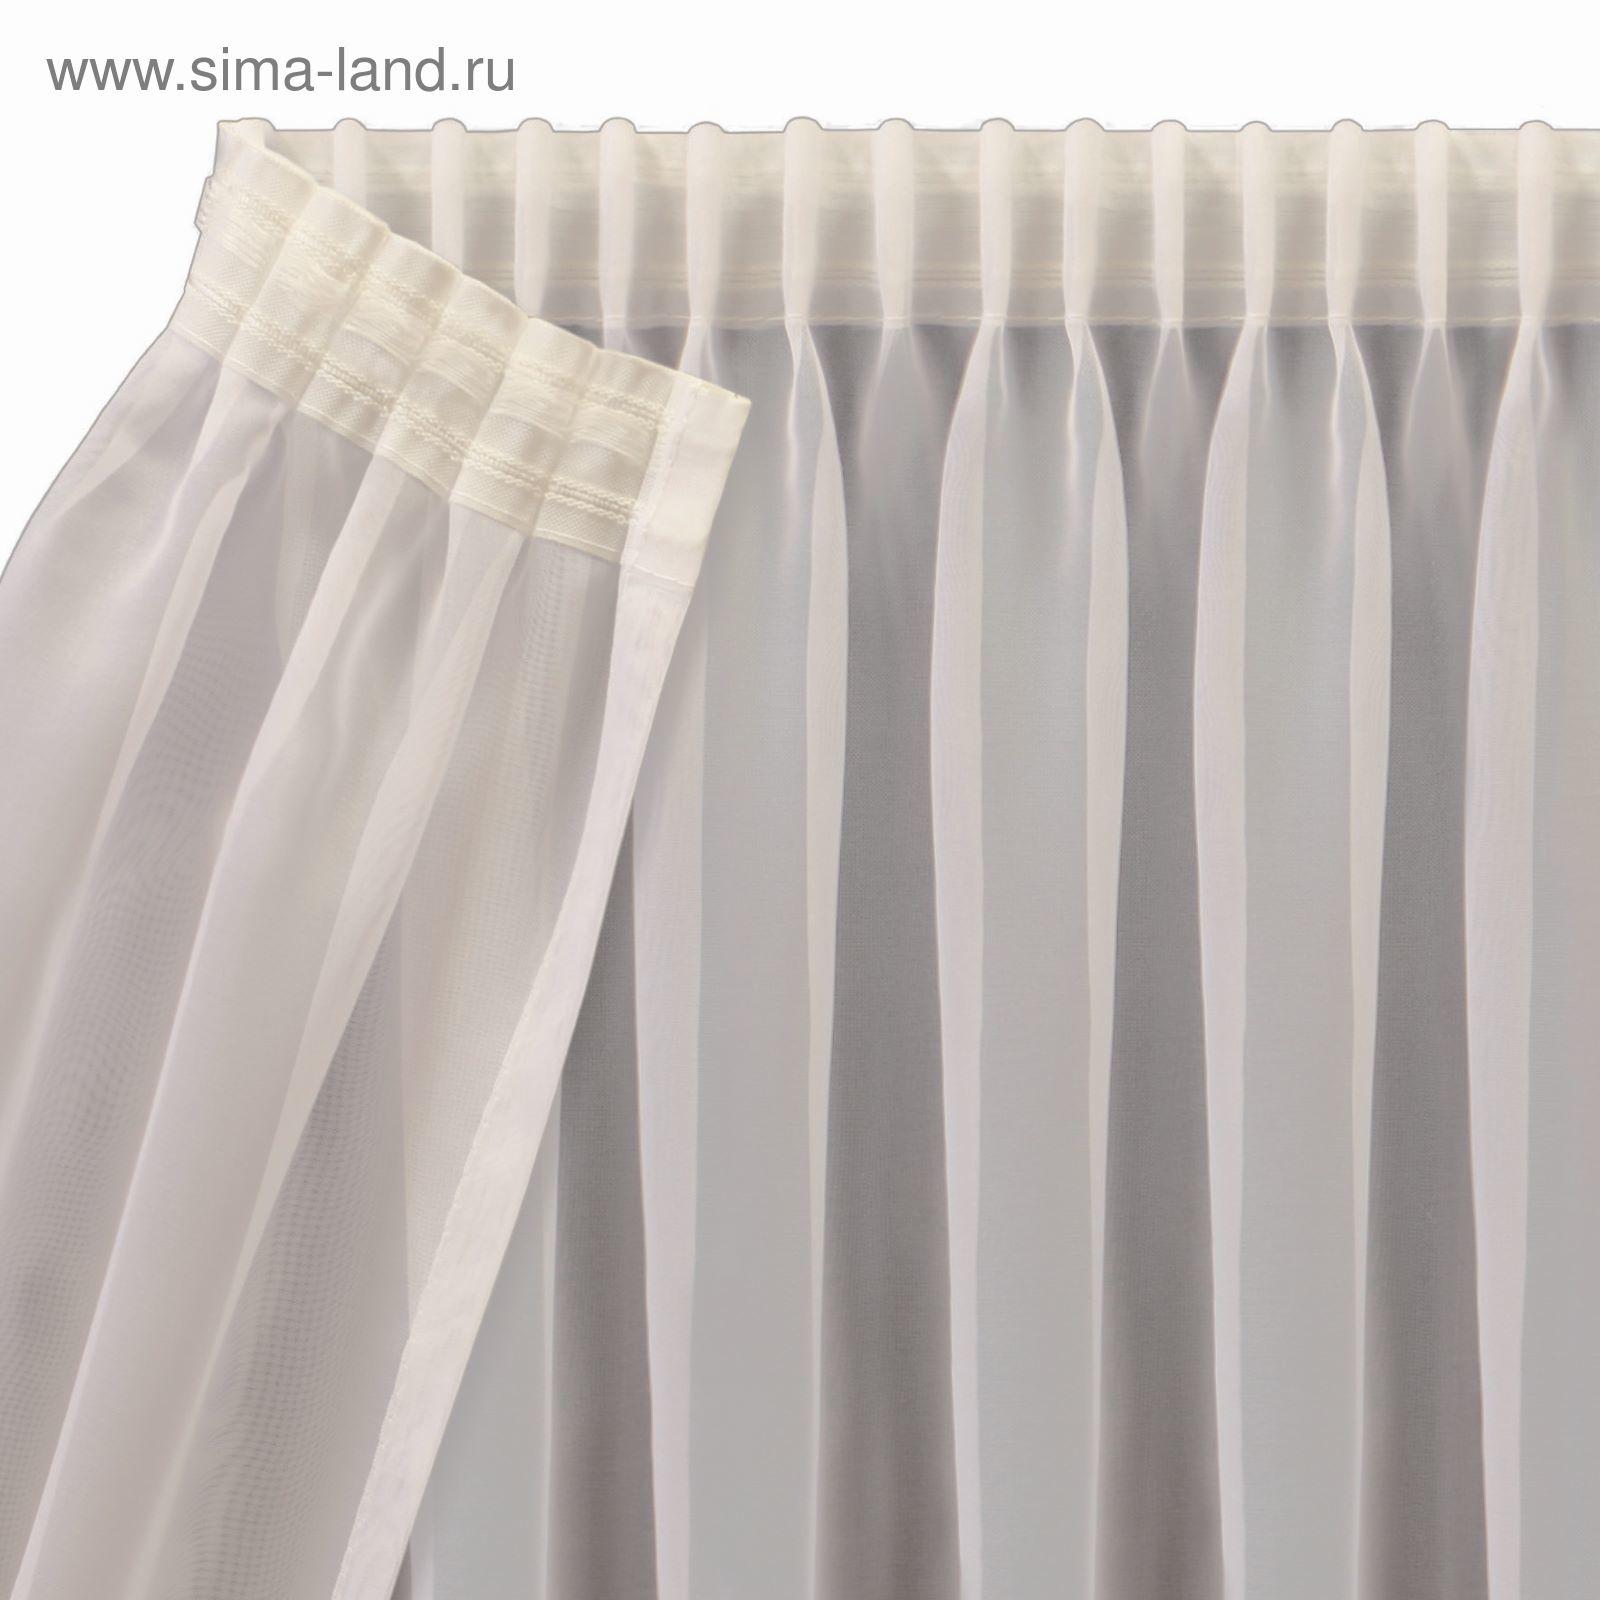 Узкая шторная лента сатин премиум купить ткань для постельного белья